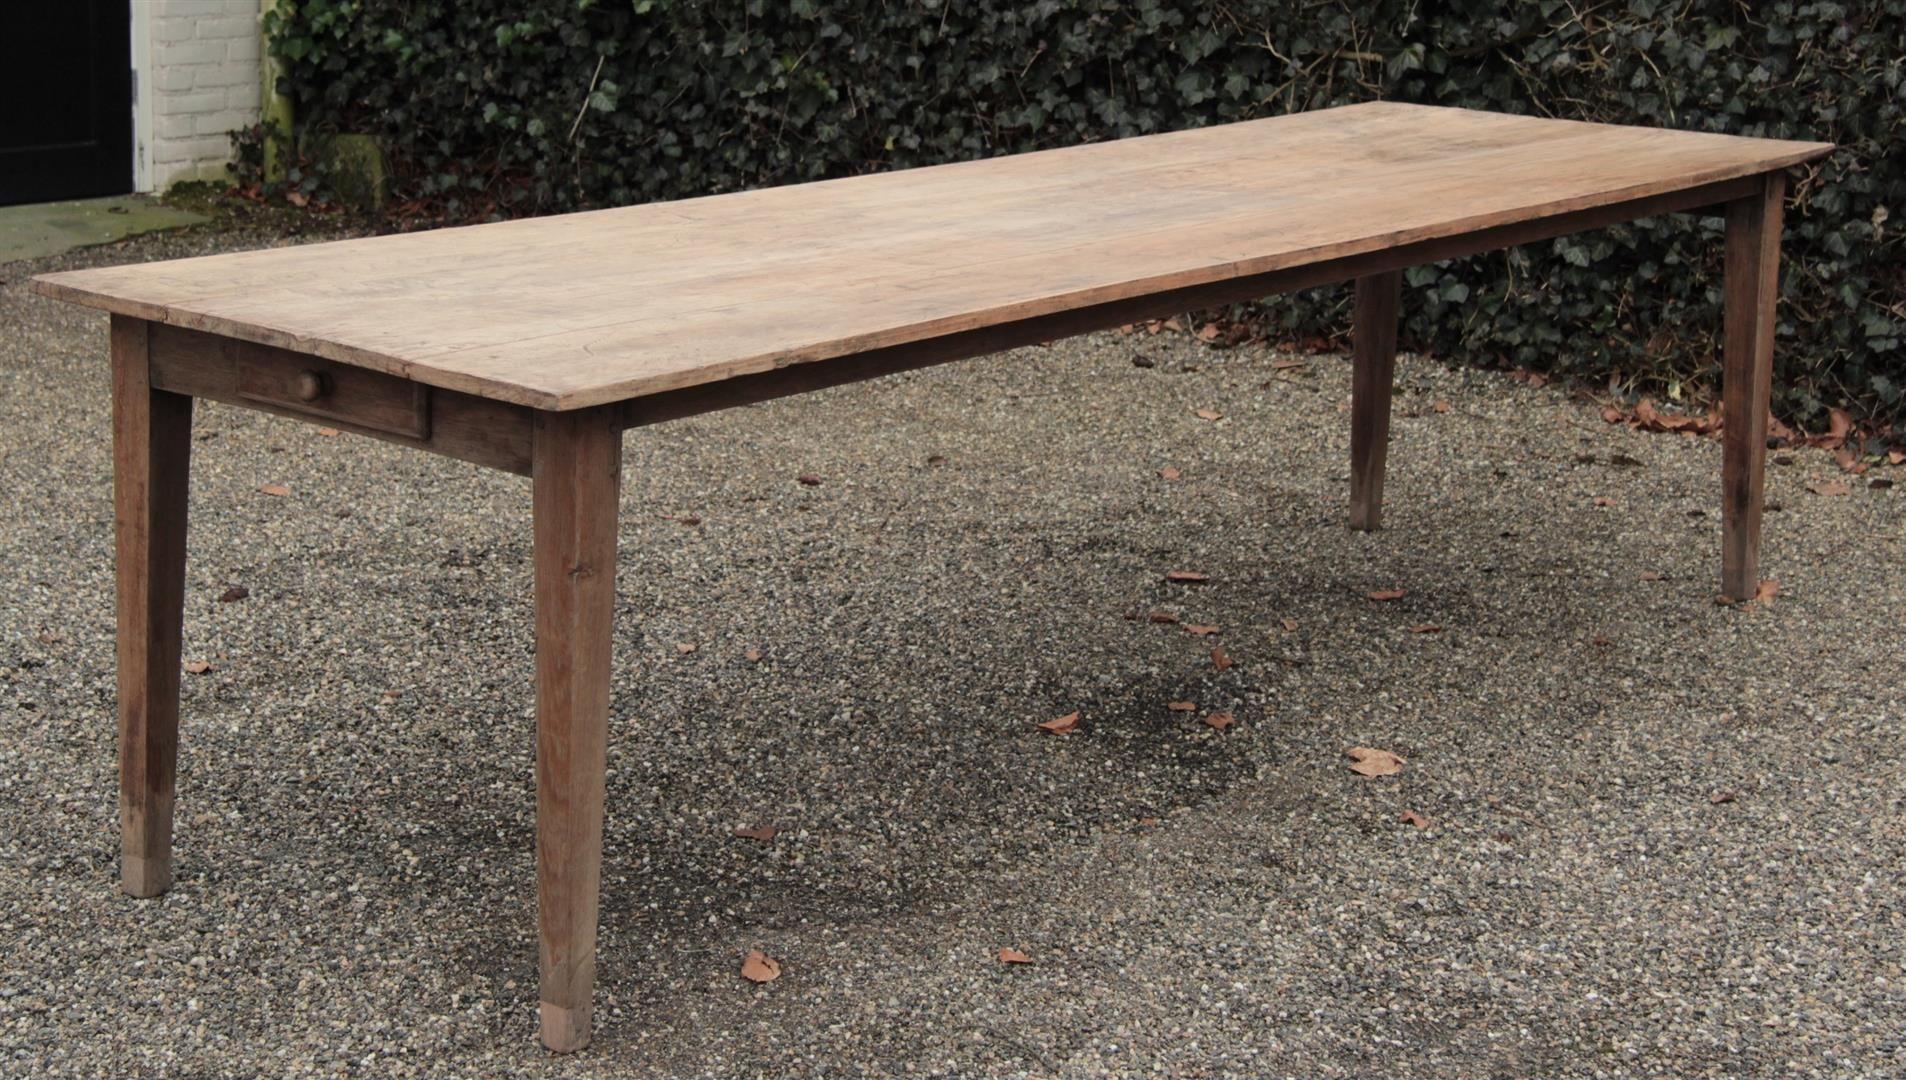 alten tisch neu gestalten stunning alten tisch neu gestalten gallery tisch alten tisch neu. Black Bedroom Furniture Sets. Home Design Ideas